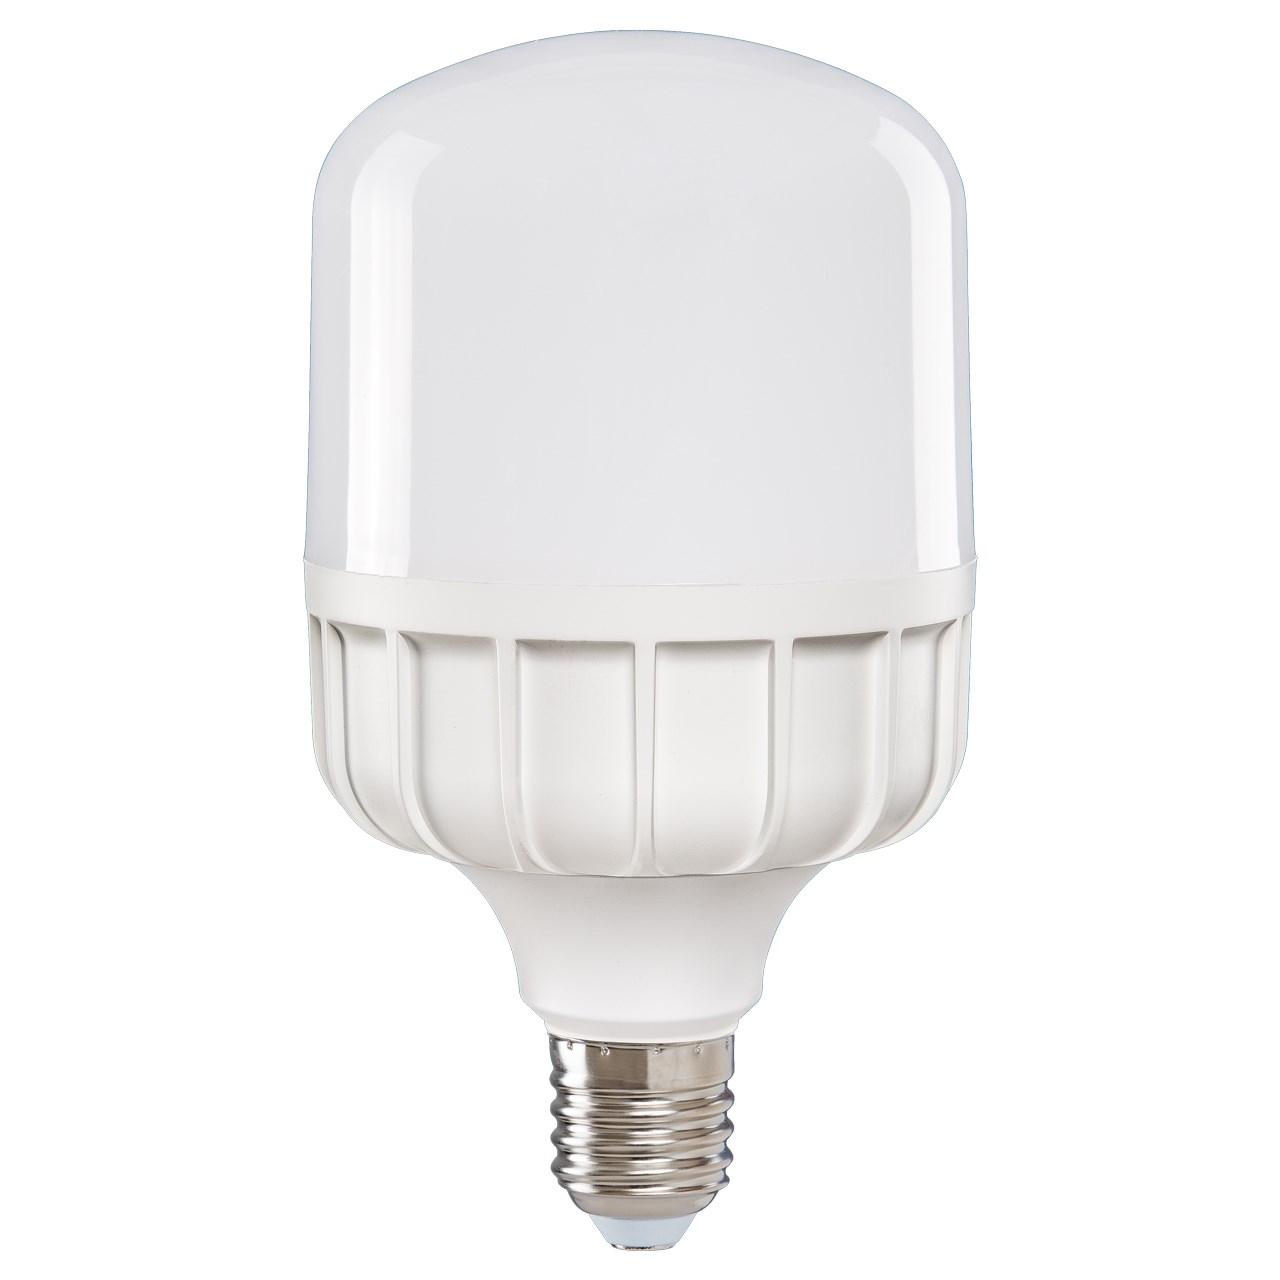 لامپ ال ای دی 30 وات بابک مدل حبابی پایه E27